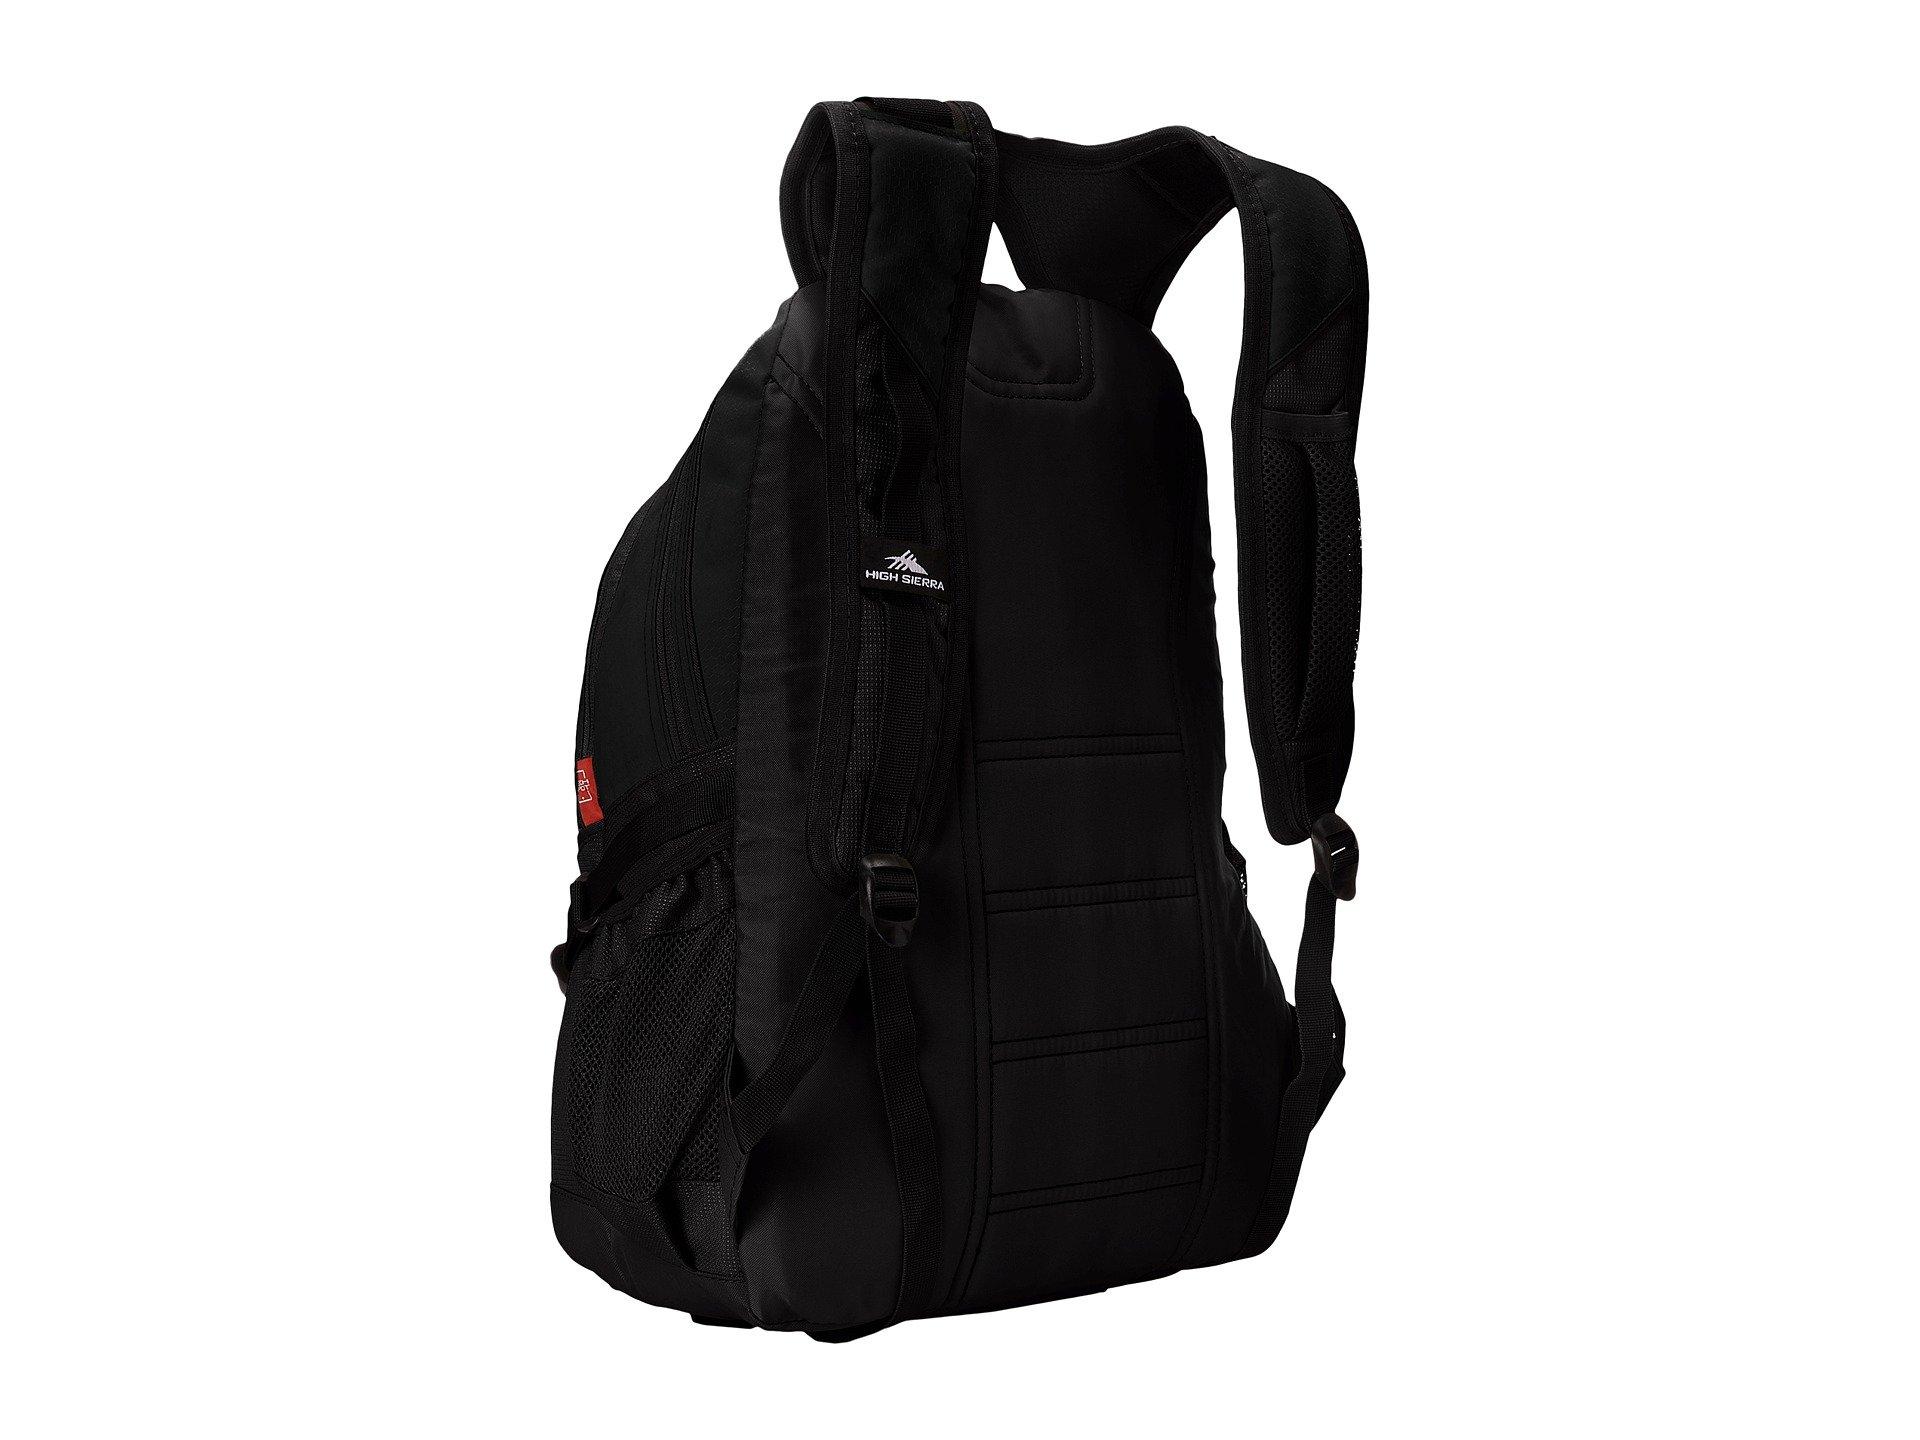 High Backpack Sierra Sierra Black Backpack High Loop Loop High Black aIqIxwSdf